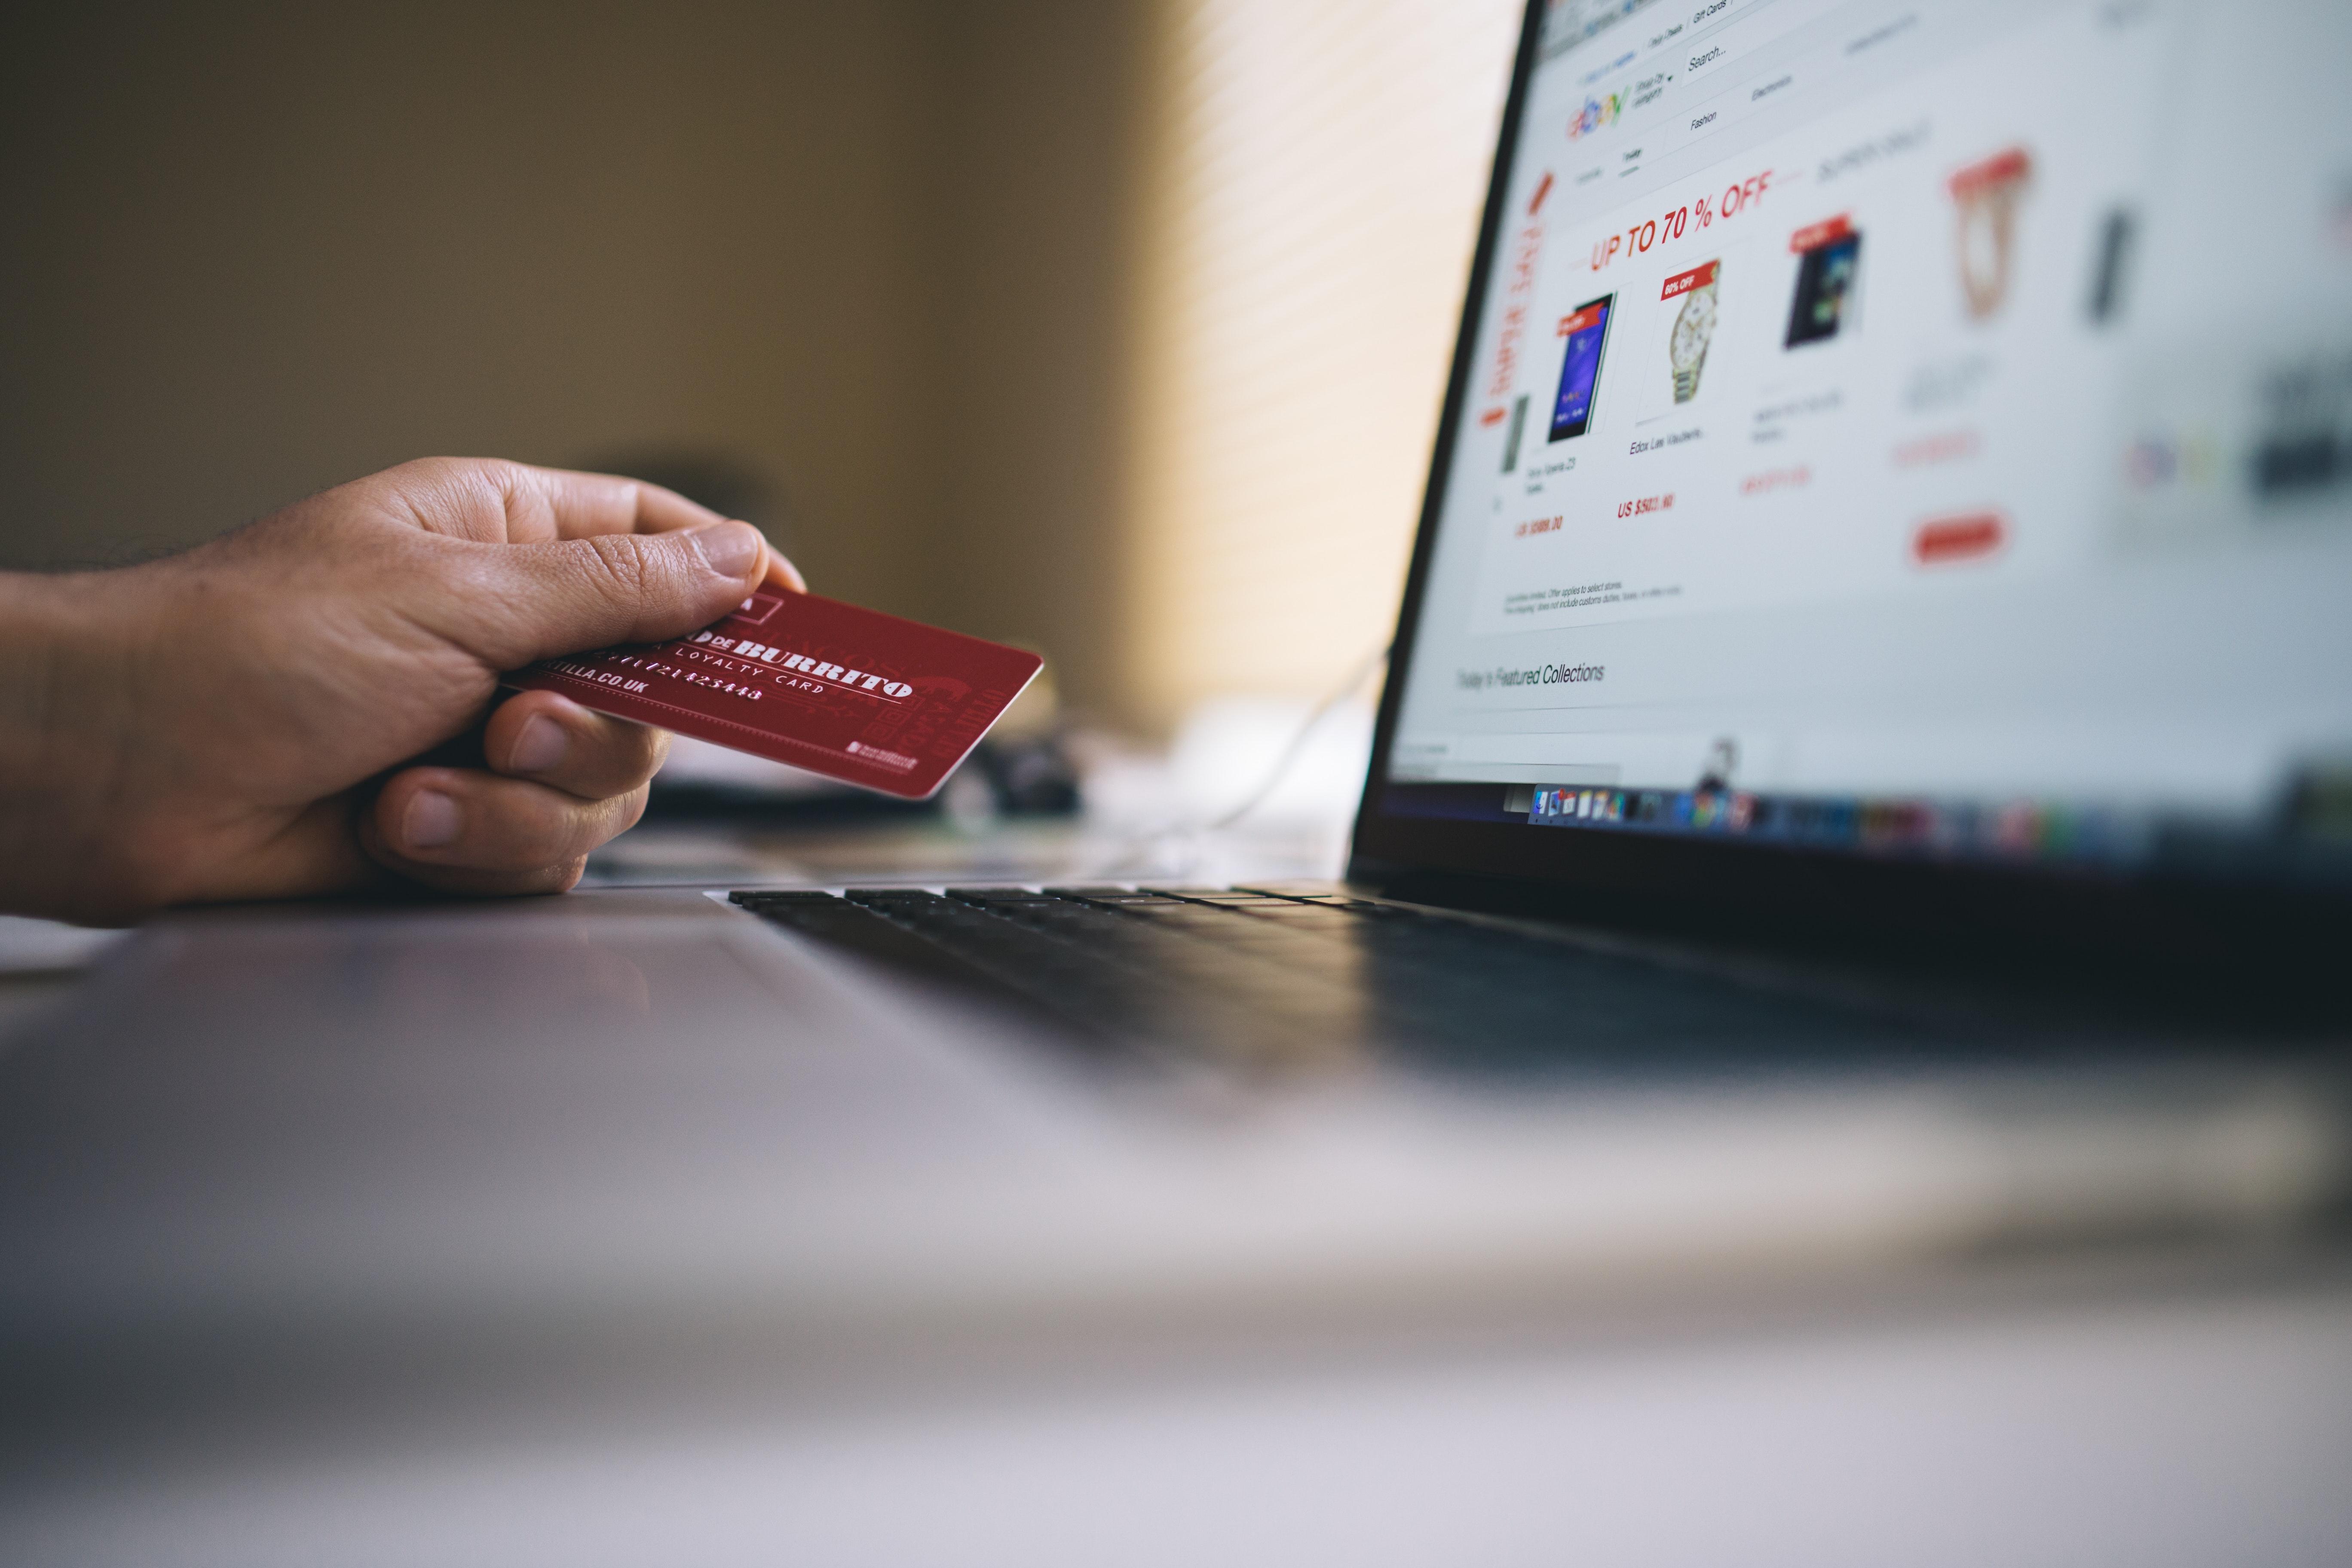 commercio-online-e-commerce-ecommerce